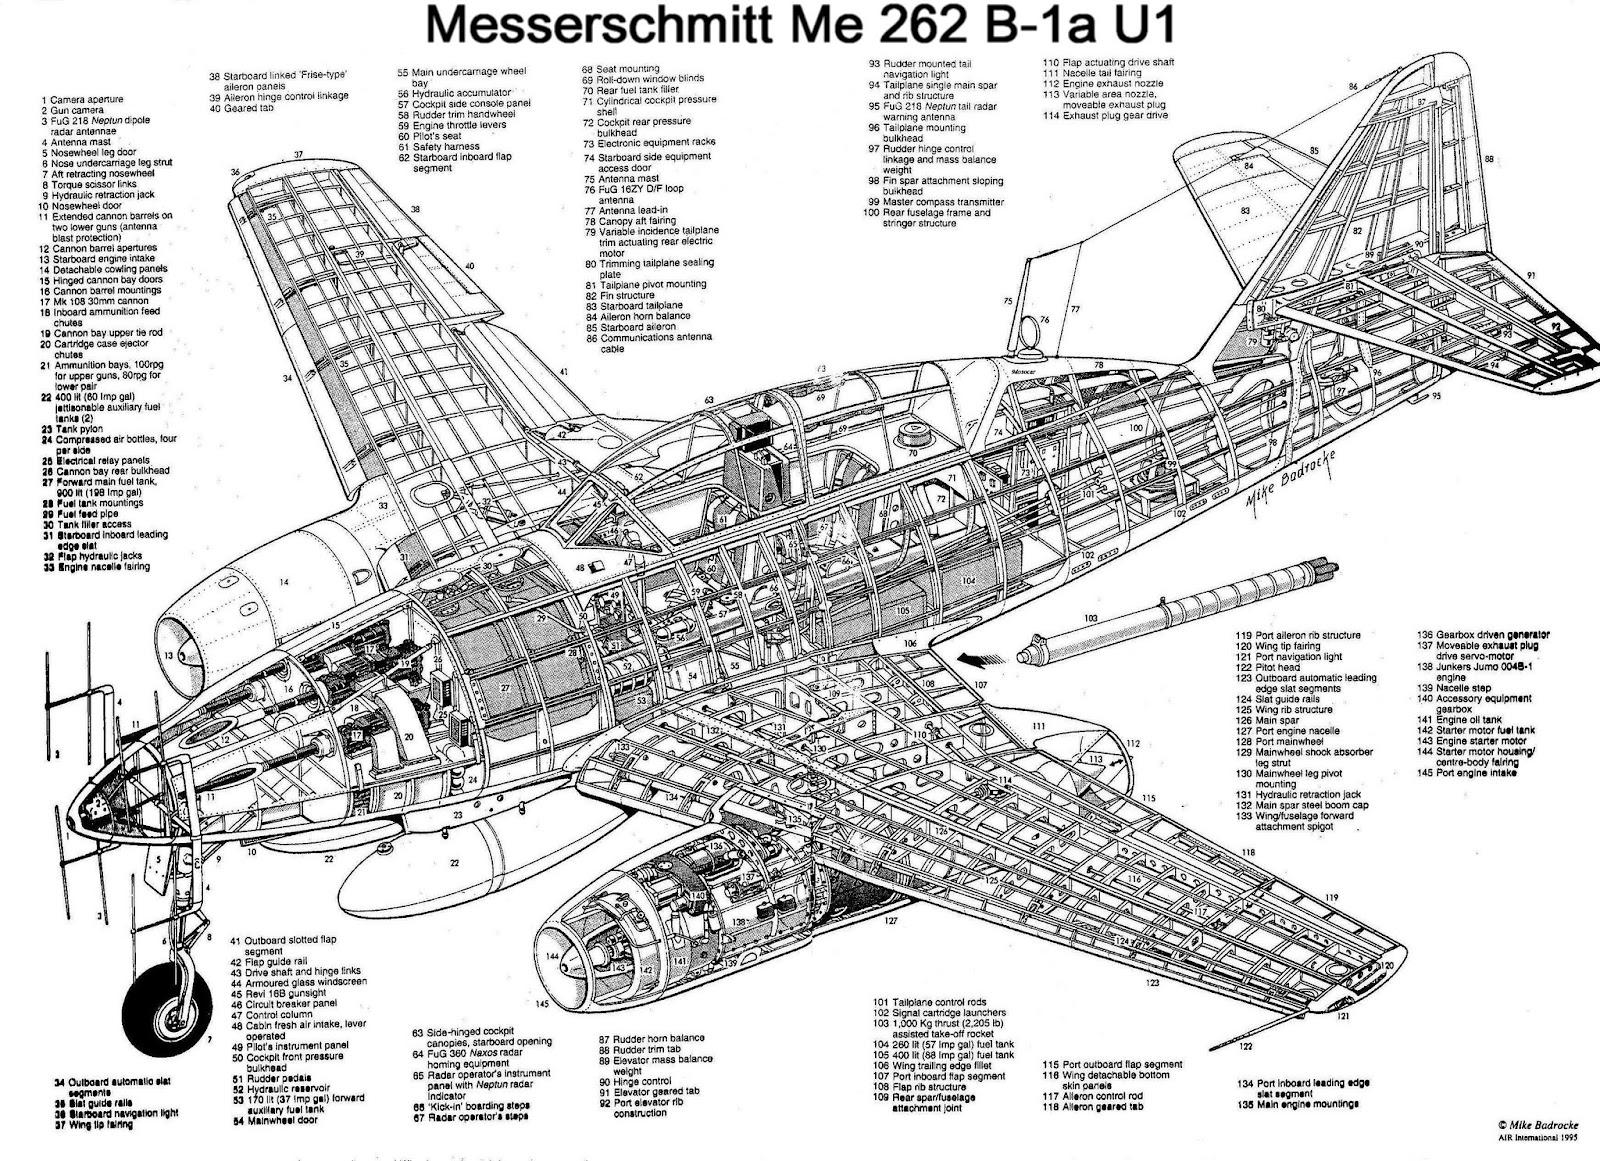 Avioes Militares Messerschmitt Me 262 Schwalbe Sturmvogel